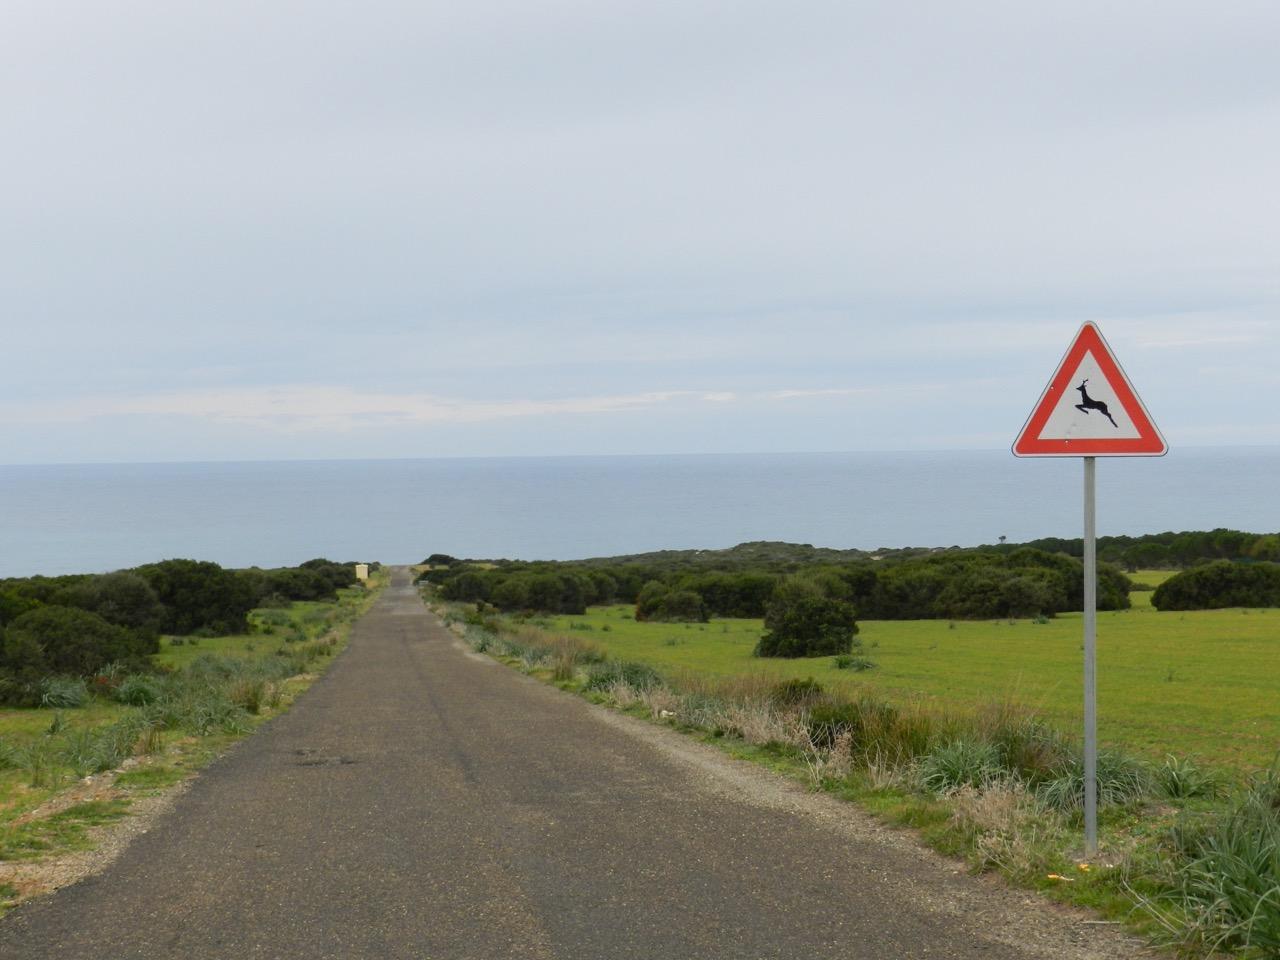 Kaum zu erahnen: Am Ende der Straße beginnen die Dünen von Scivu